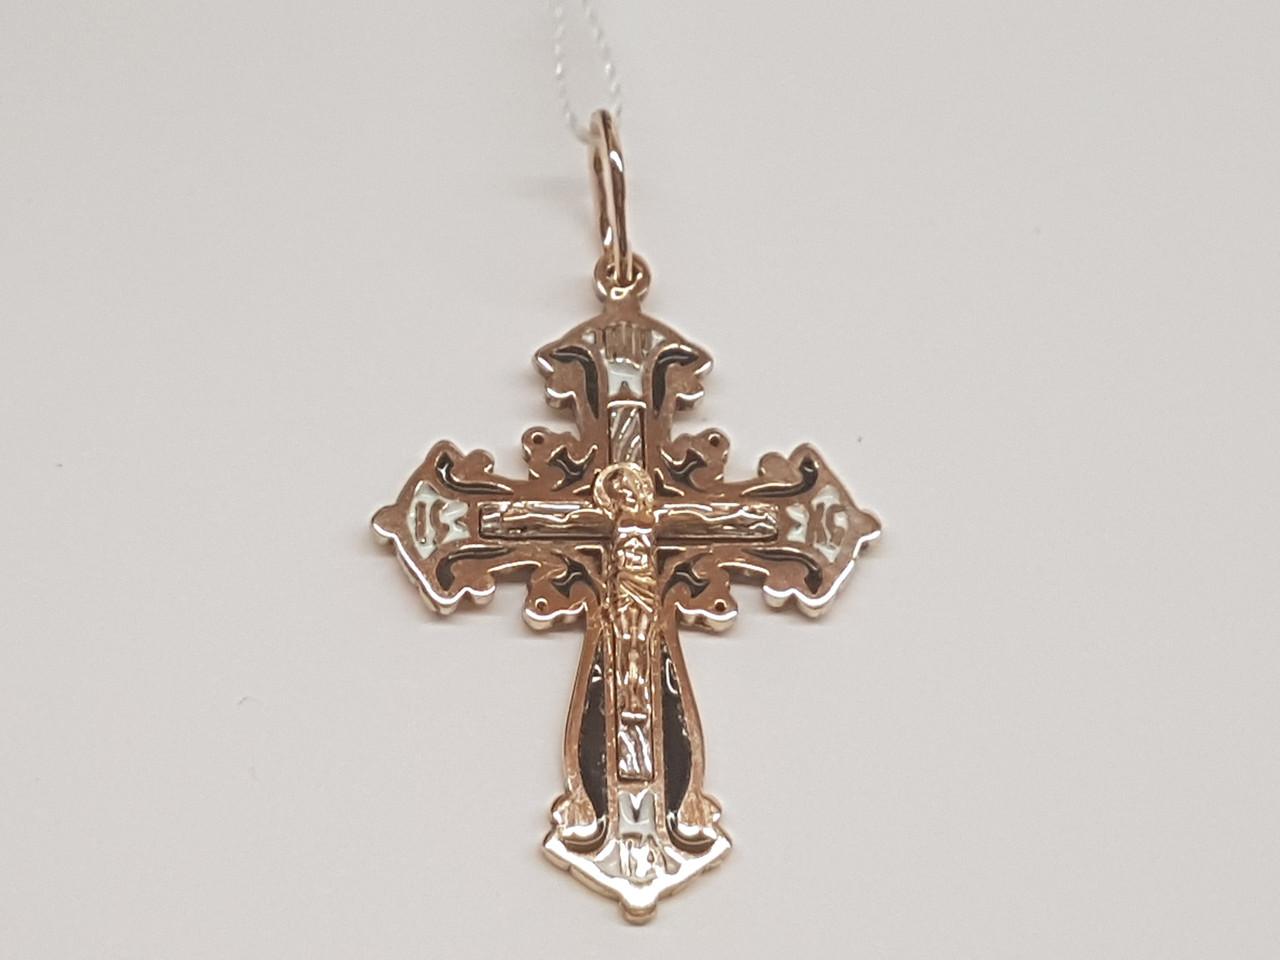 Золотой крестик Распятие Христа с эмалью. Артикул 11376-МЭ